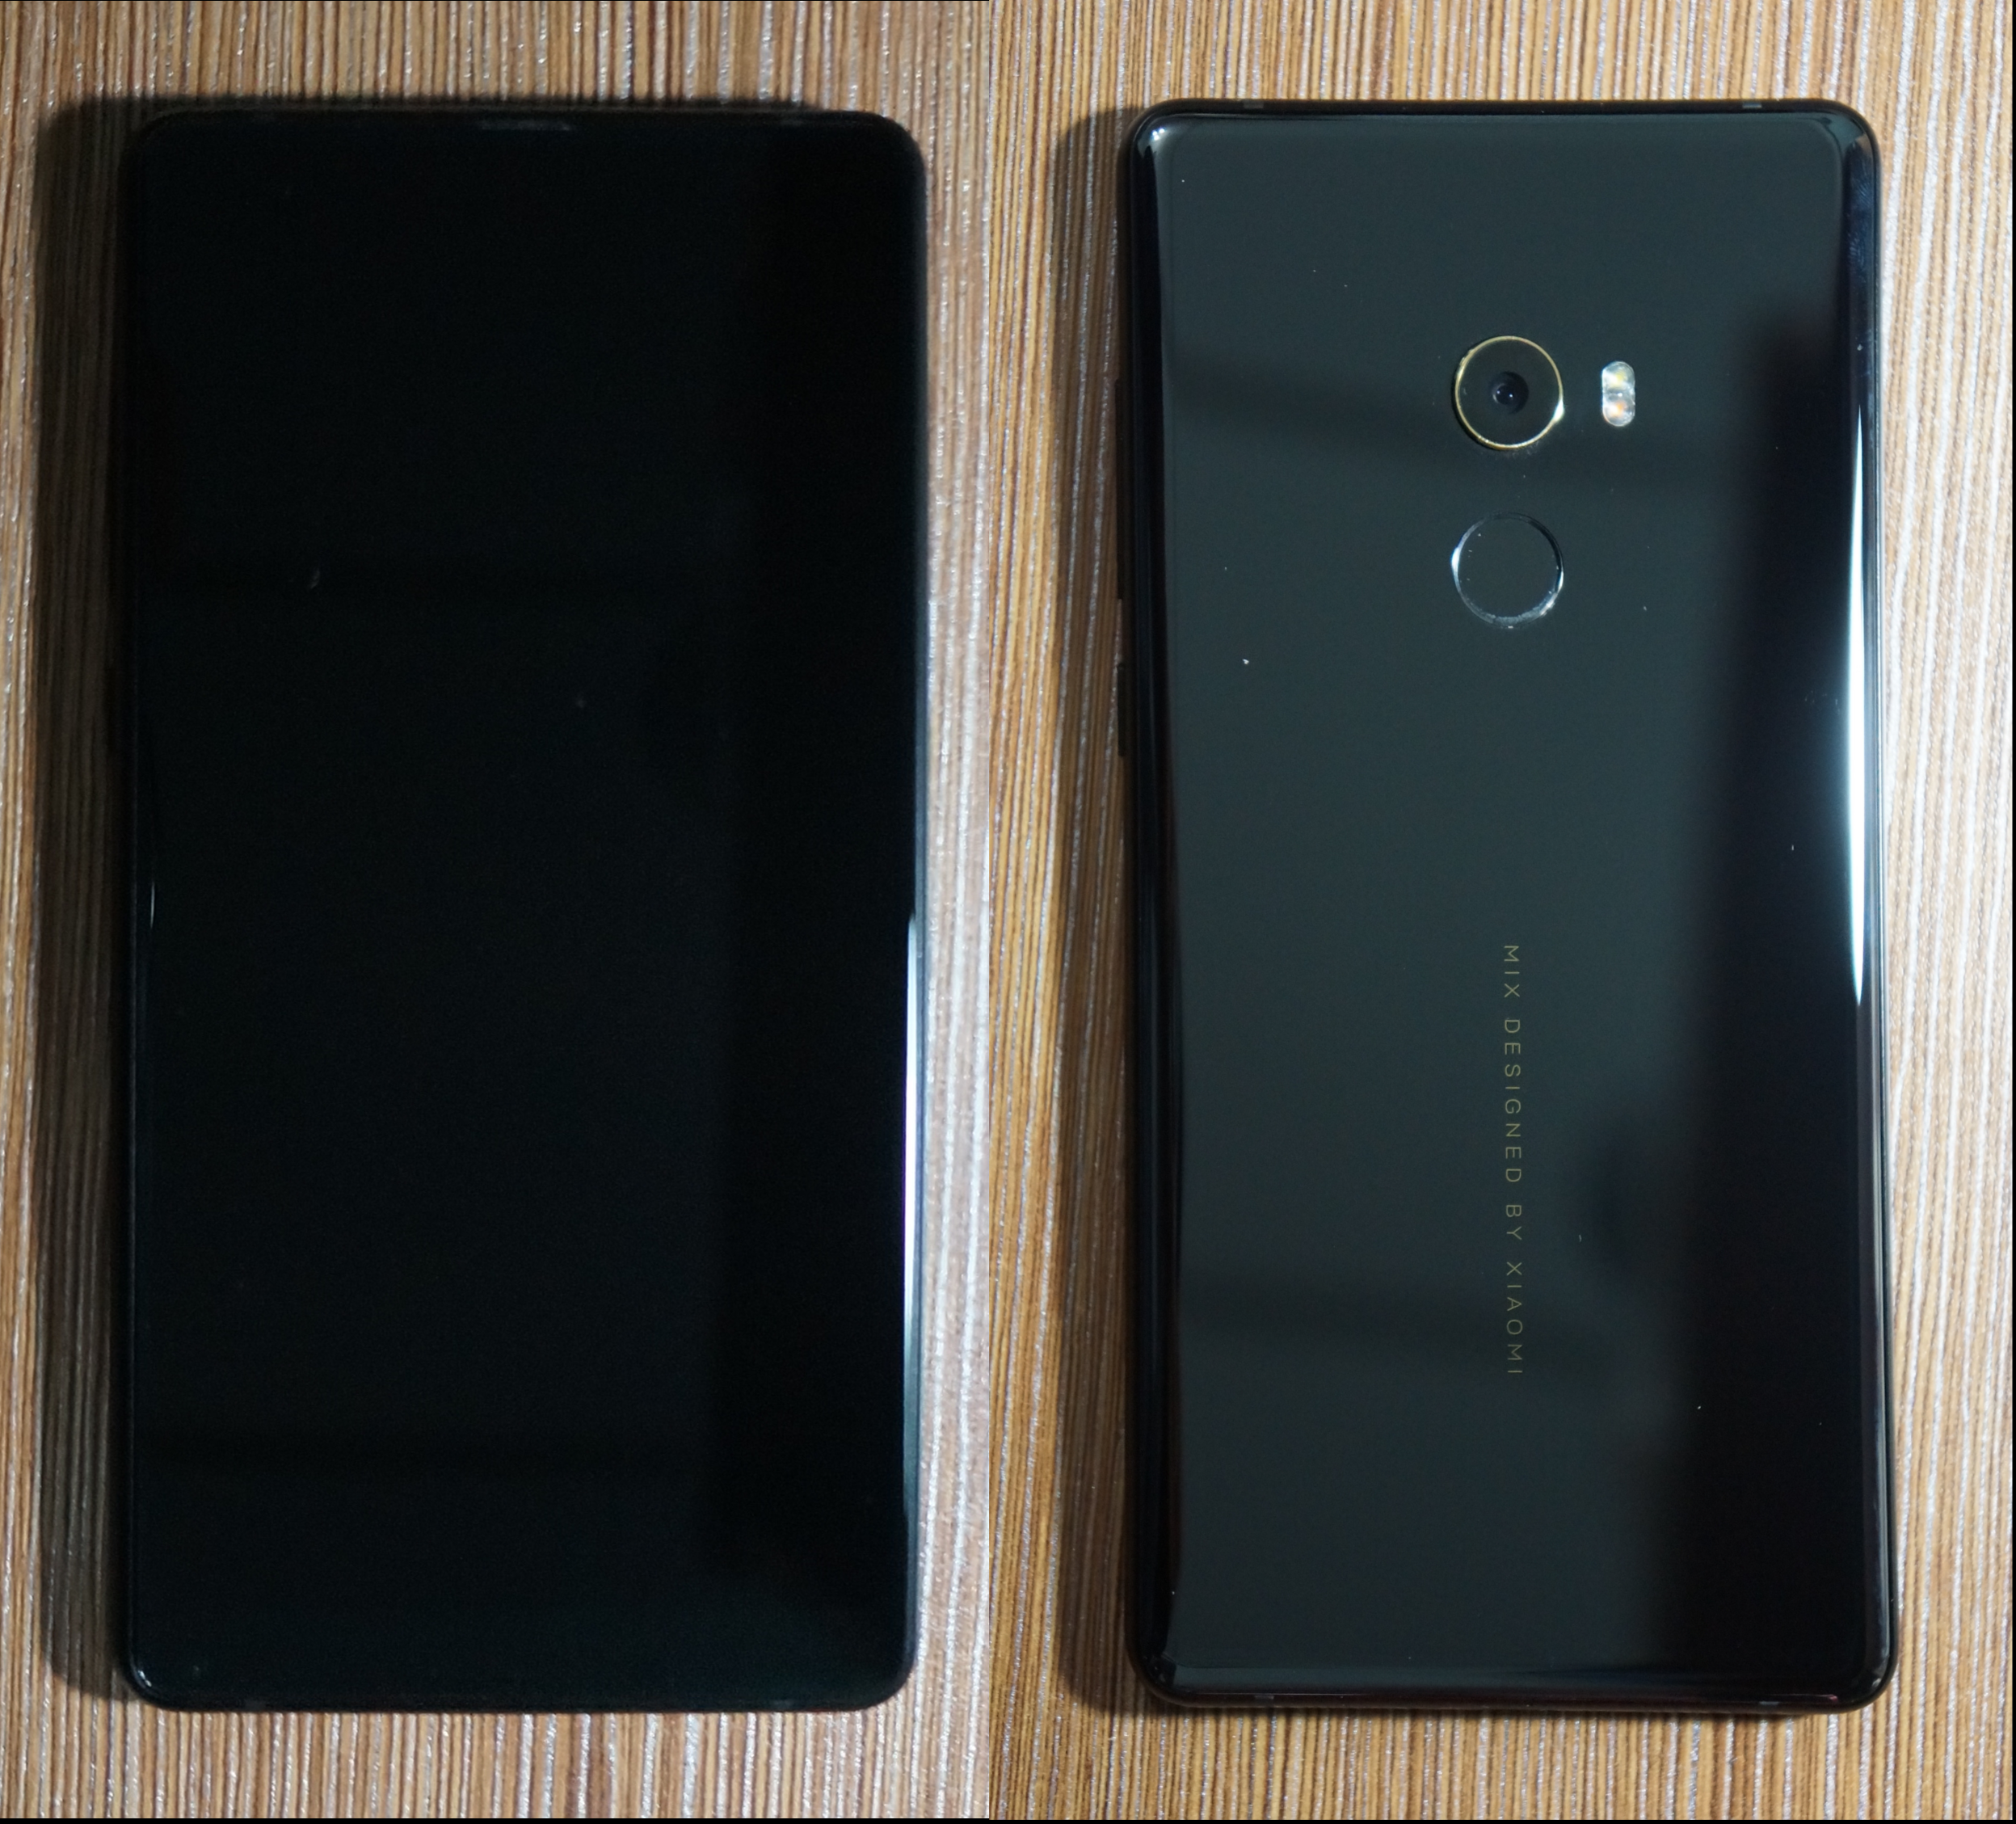 Xiaomi Mi MIX 2 - Wikipedia